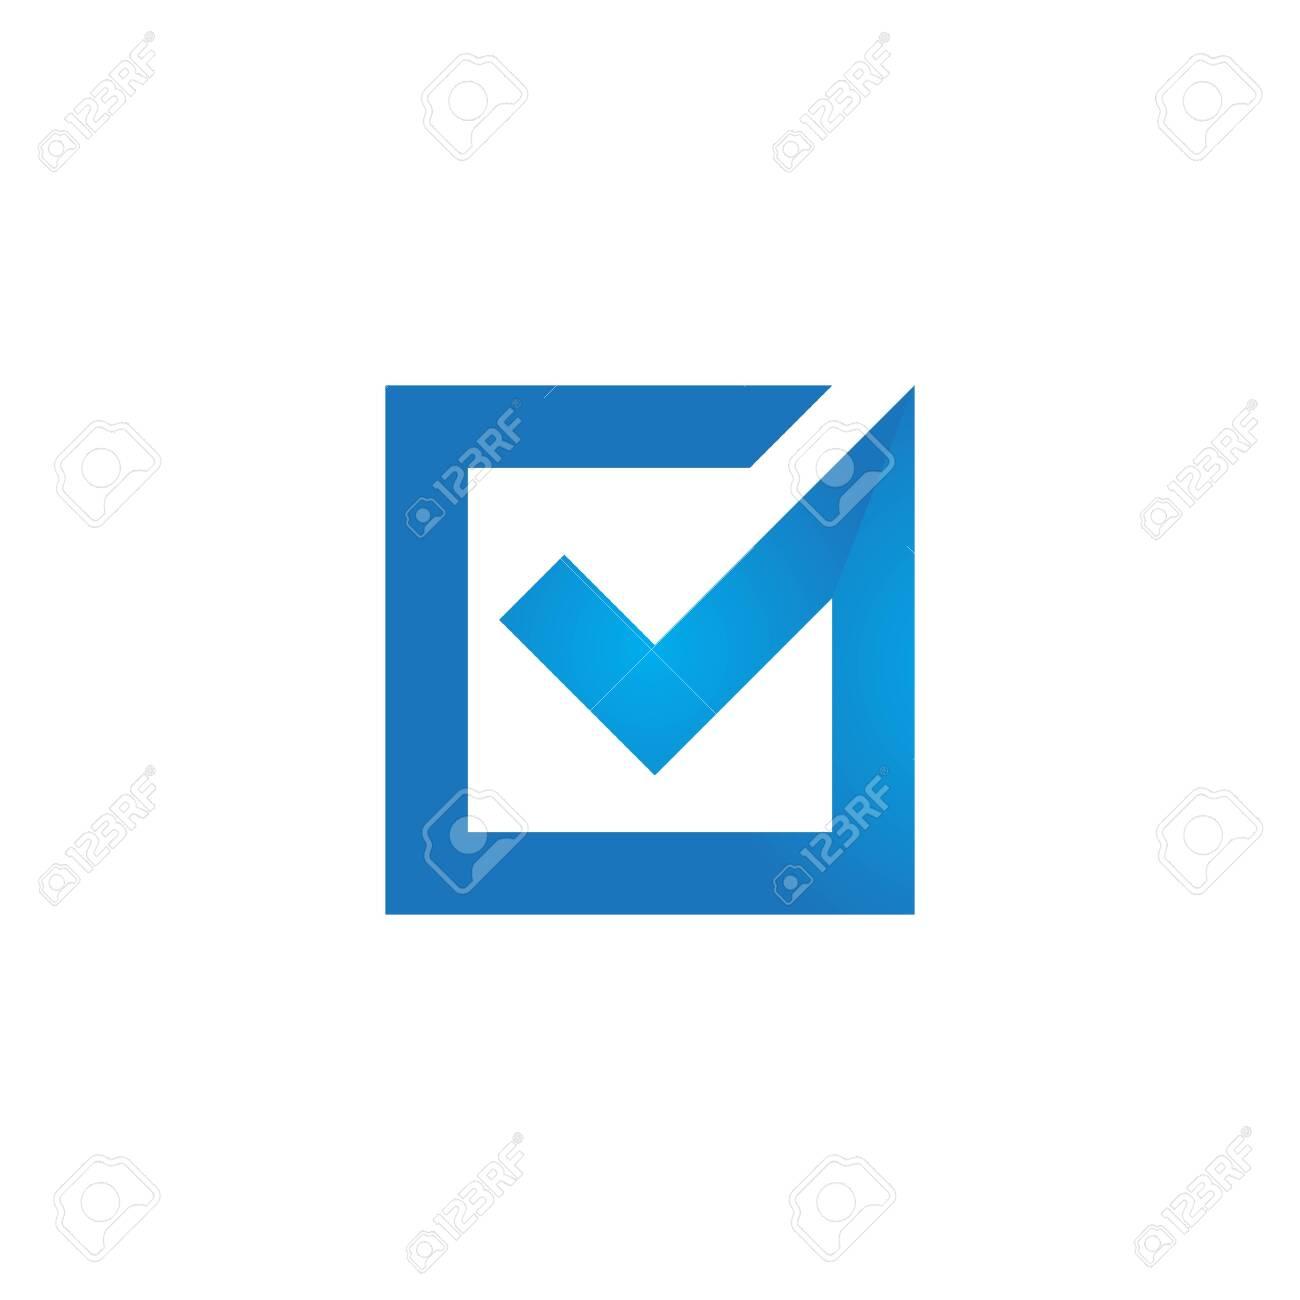 Check mark V Letter Logo Template - 154373115